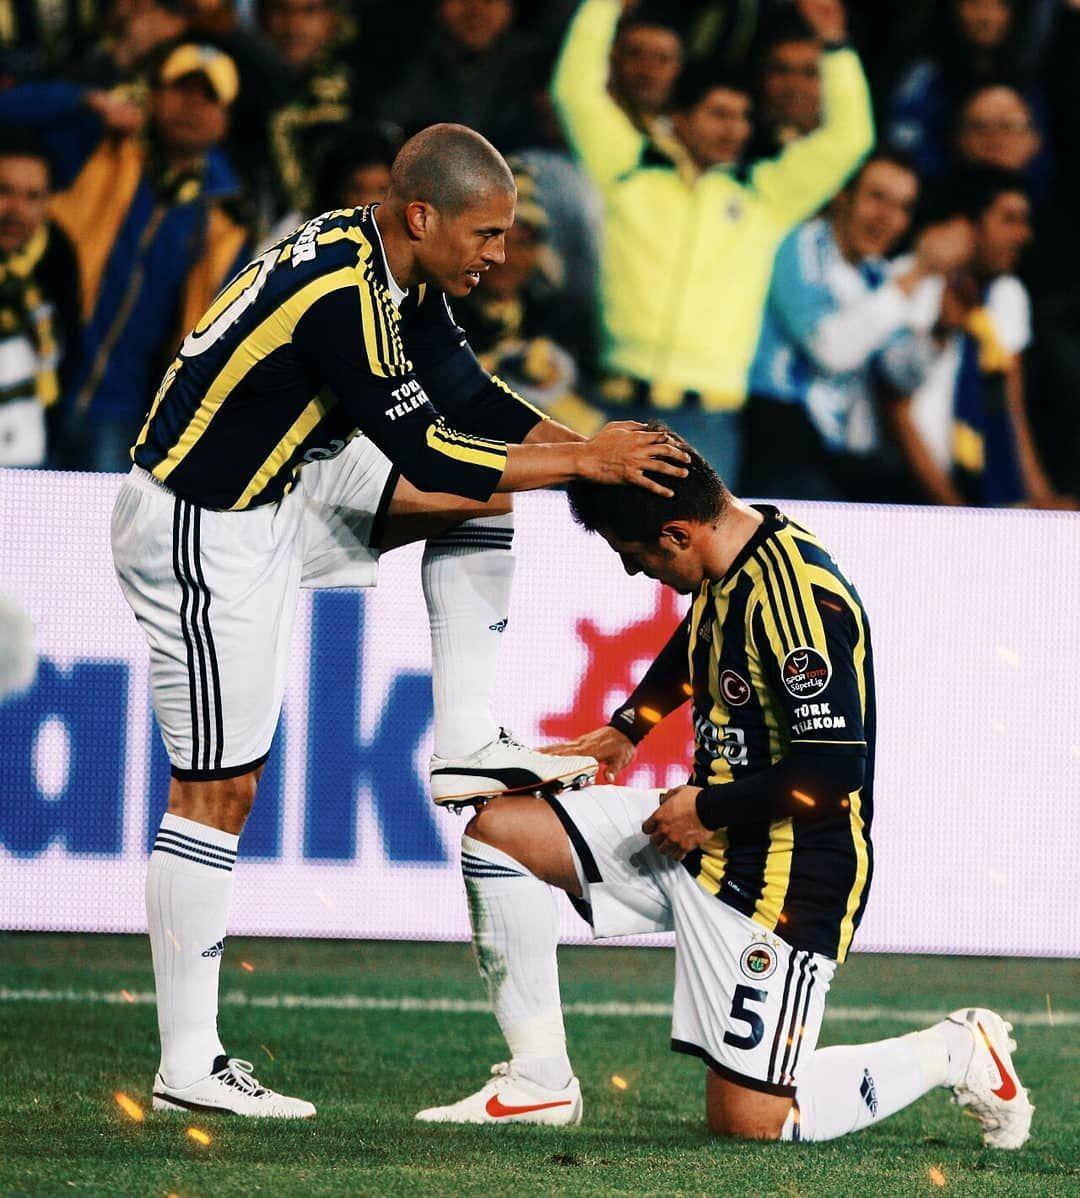 O1 Esma Aydin Adli Kullanicinin Fenerbahce Eski Oyuncular Panosundaki Pin Takim Fotograflari Futbolcular Sporlar